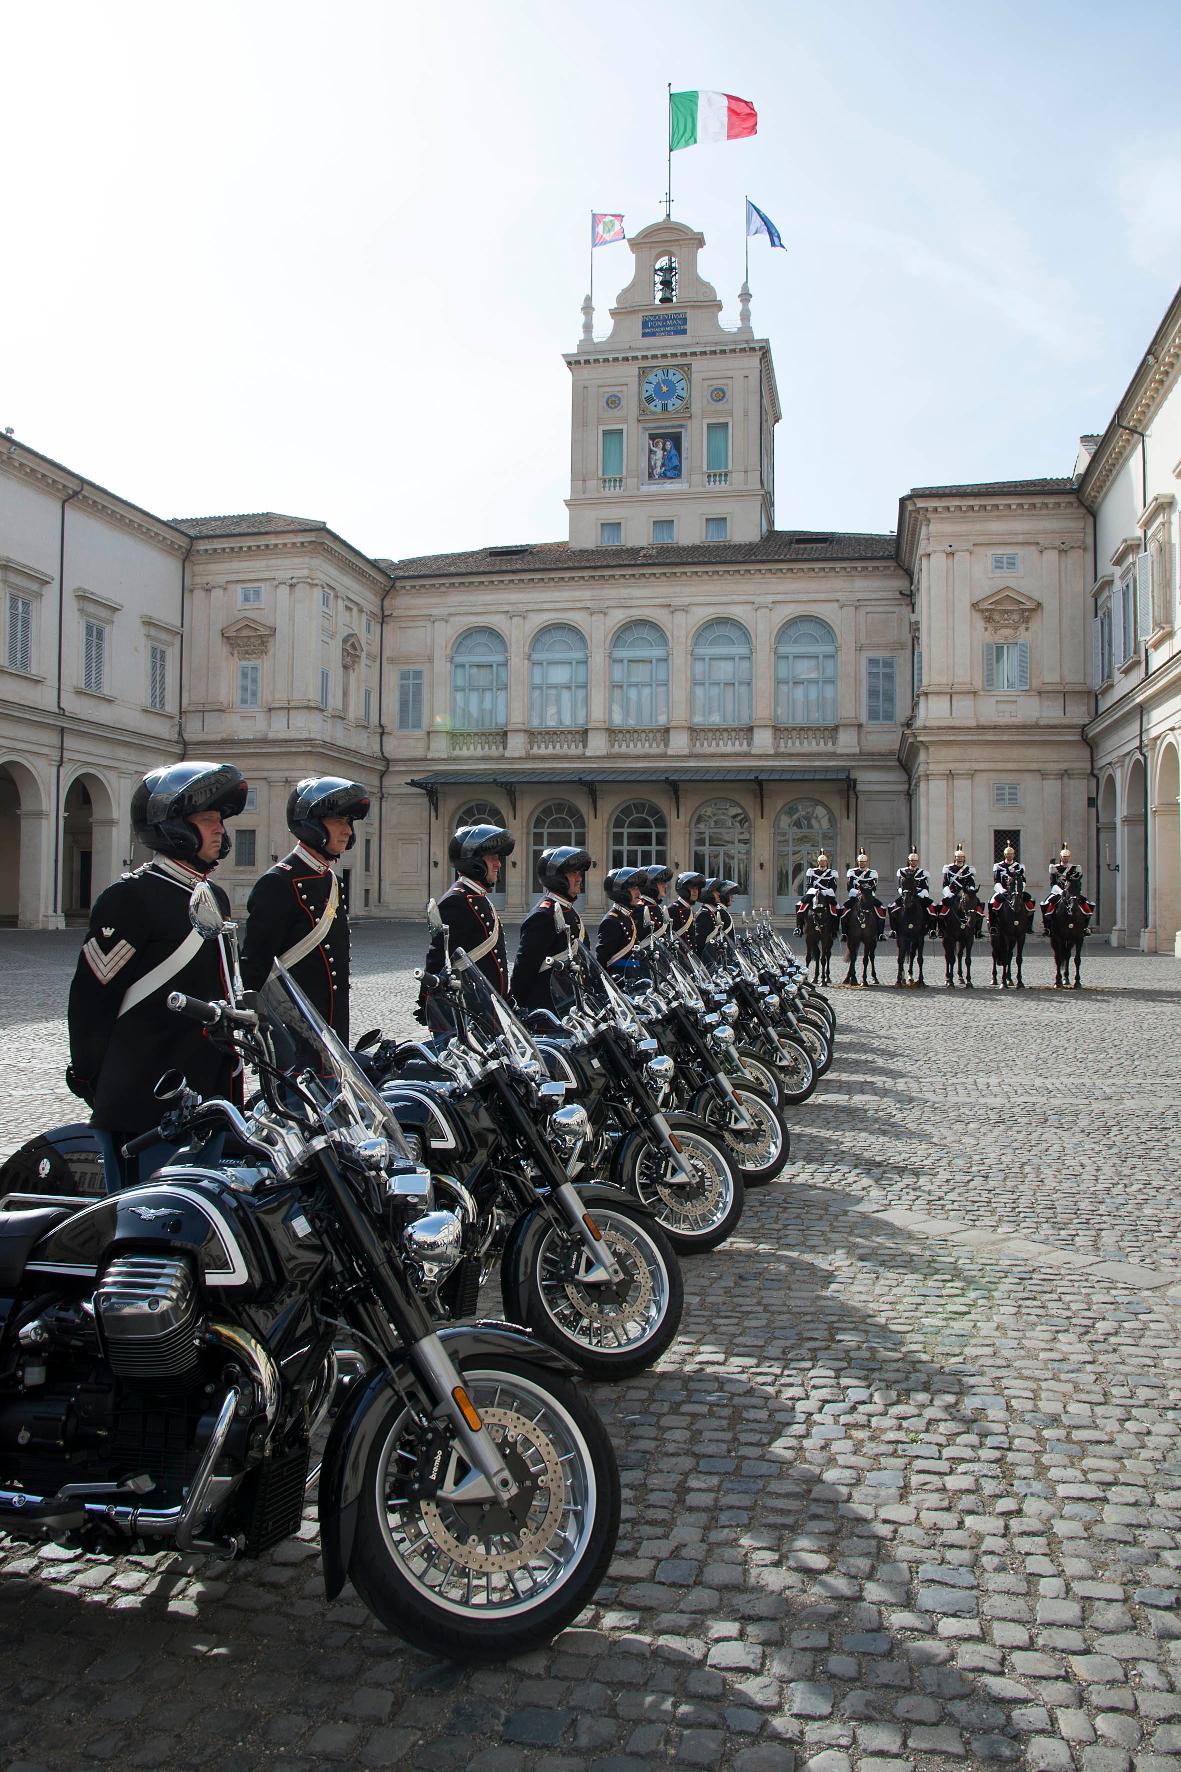 mid Groß-Gerau - Stillgestanden: Die Corazzieri, die Ehrengarde des italienischen Präsidenten, ist künftig auf der Moto Guzzi California 1400 Touring im Einsatz.